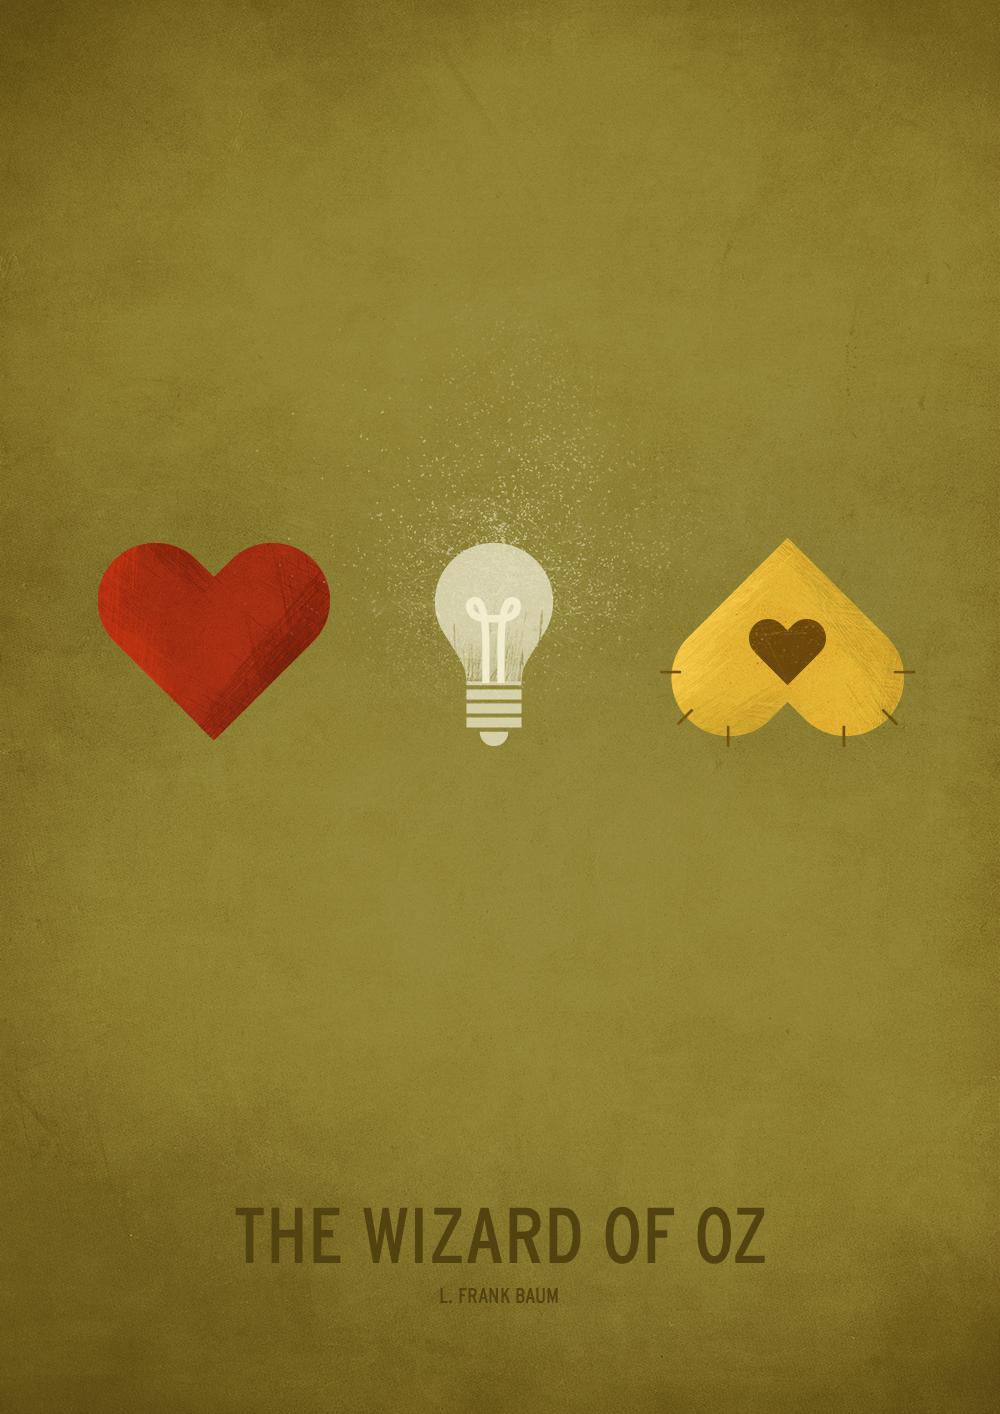 Минималистични плакати  - приказката Вълшебникът от Оз